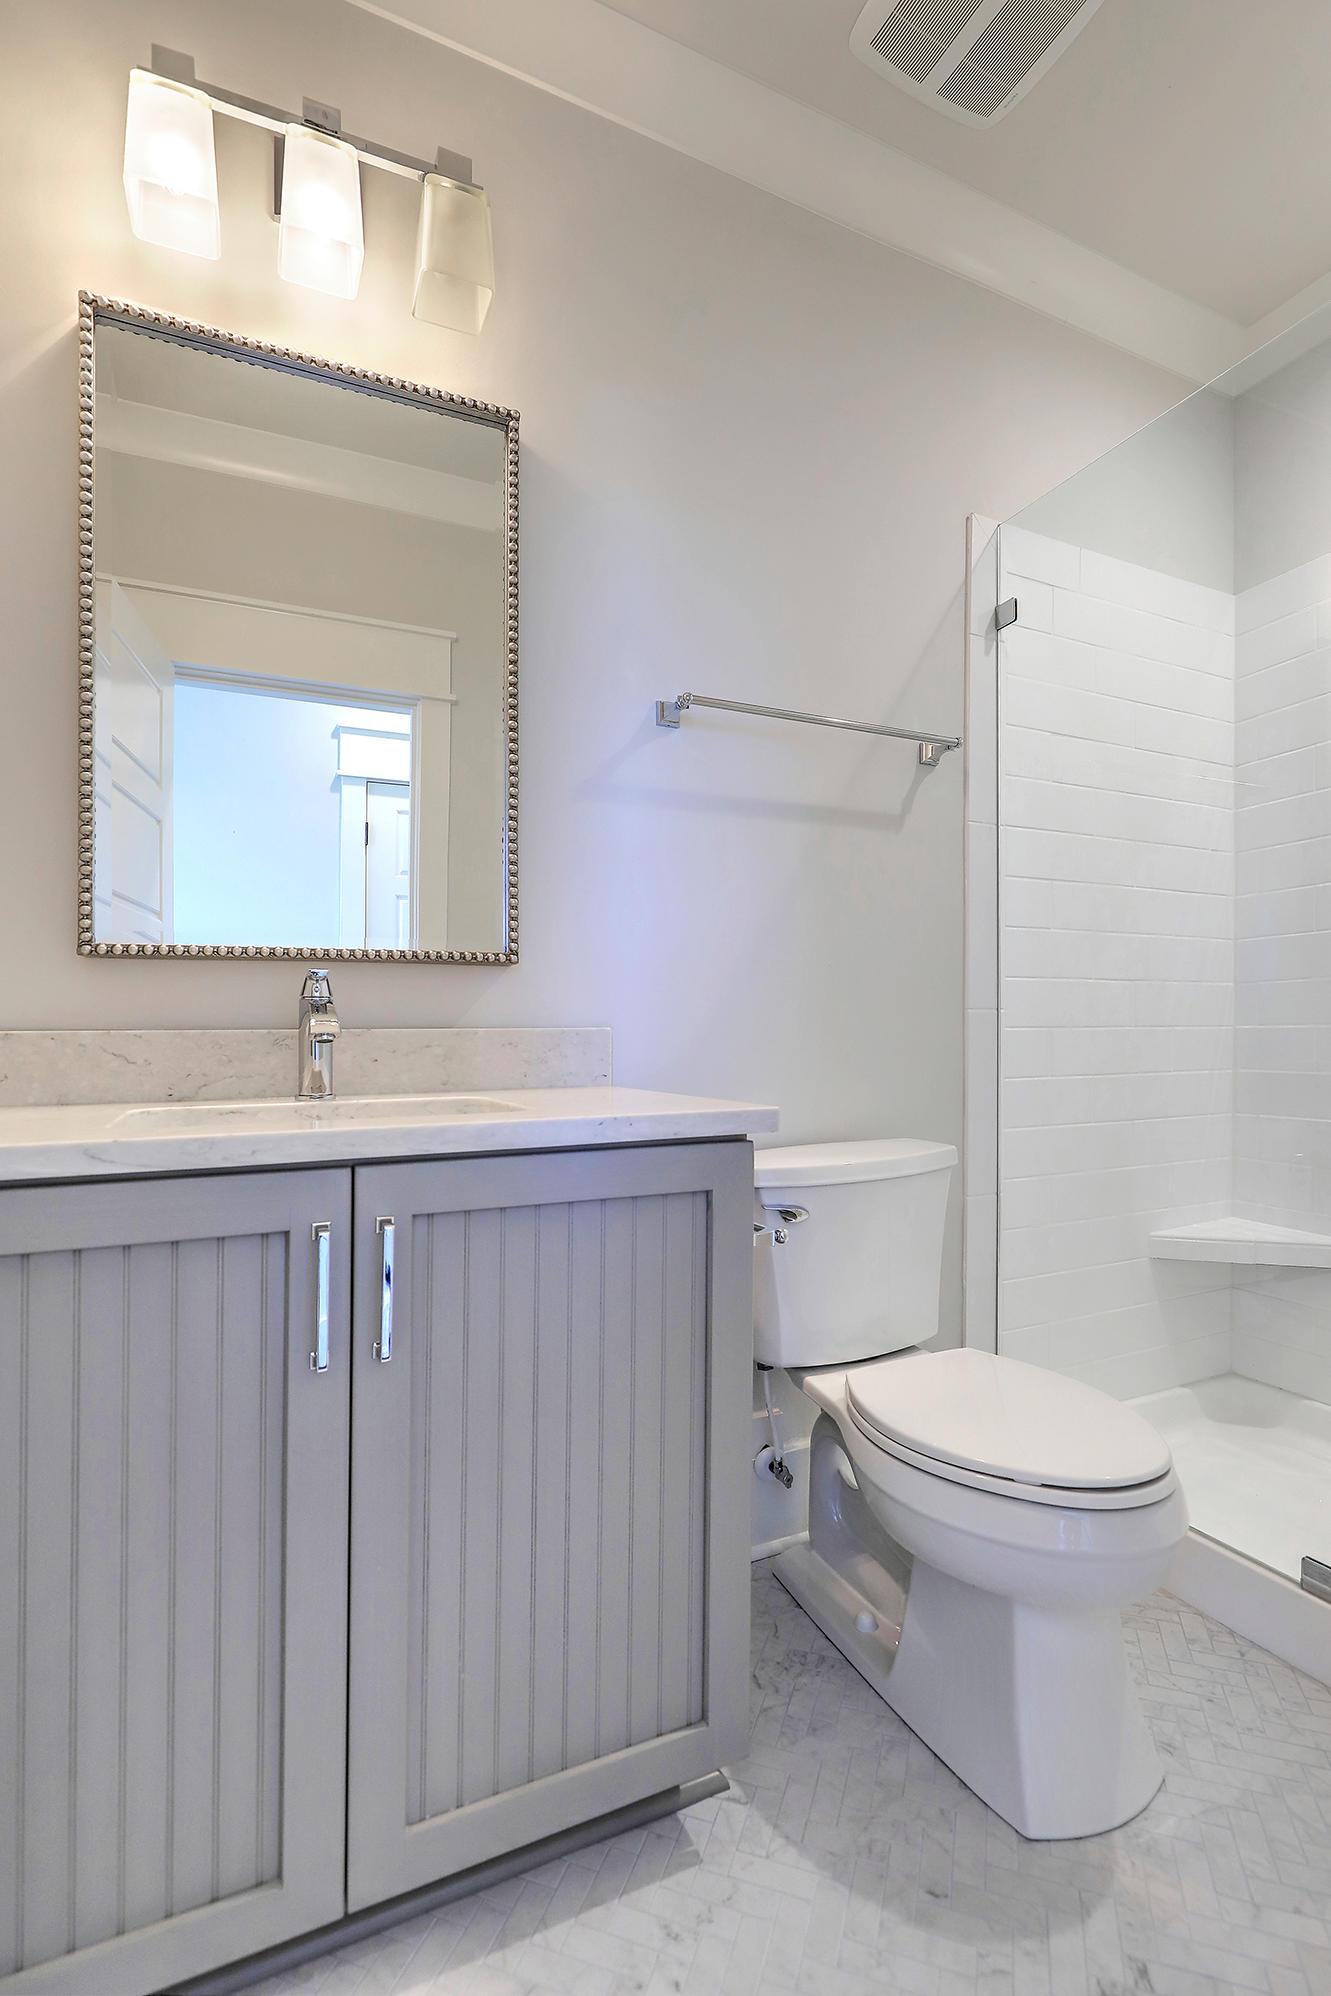 Park West Homes For Sale - 2260 Beckenham, Mount Pleasant, SC - 12